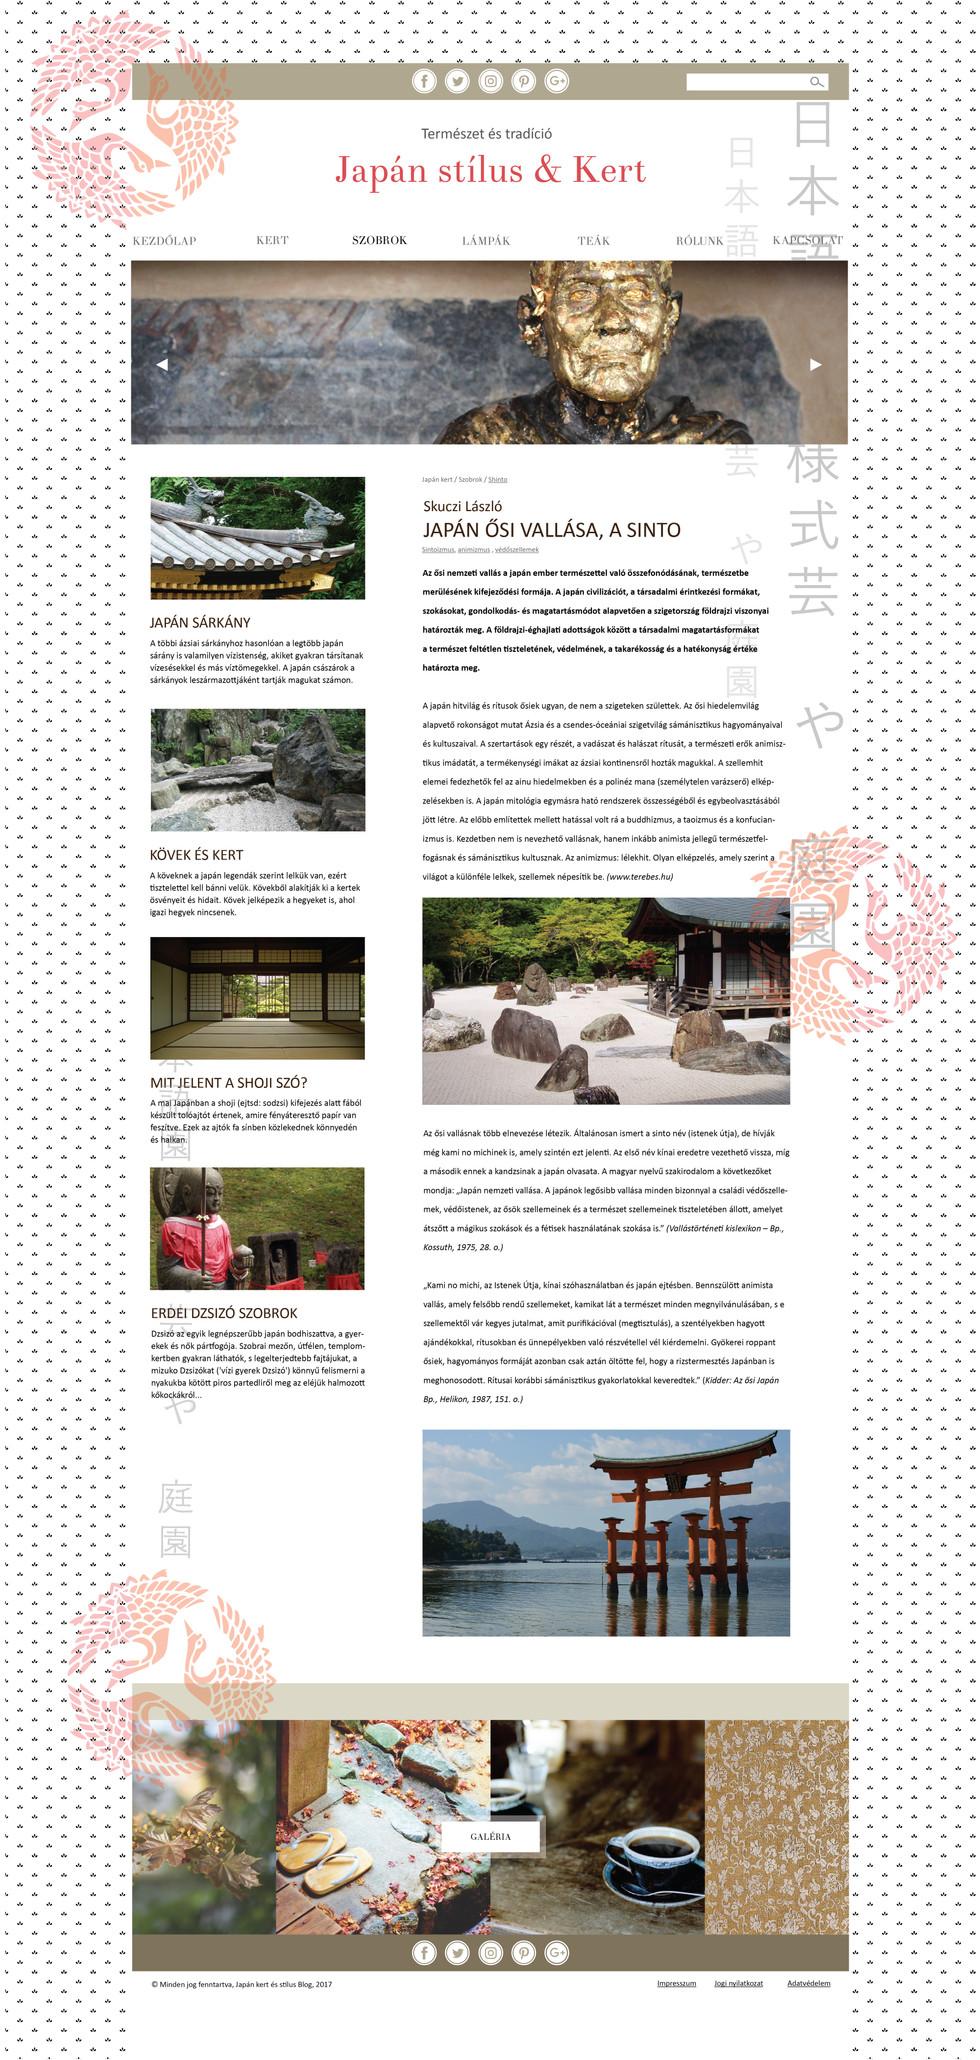 webgrafika4_2-01-01-01.jpg